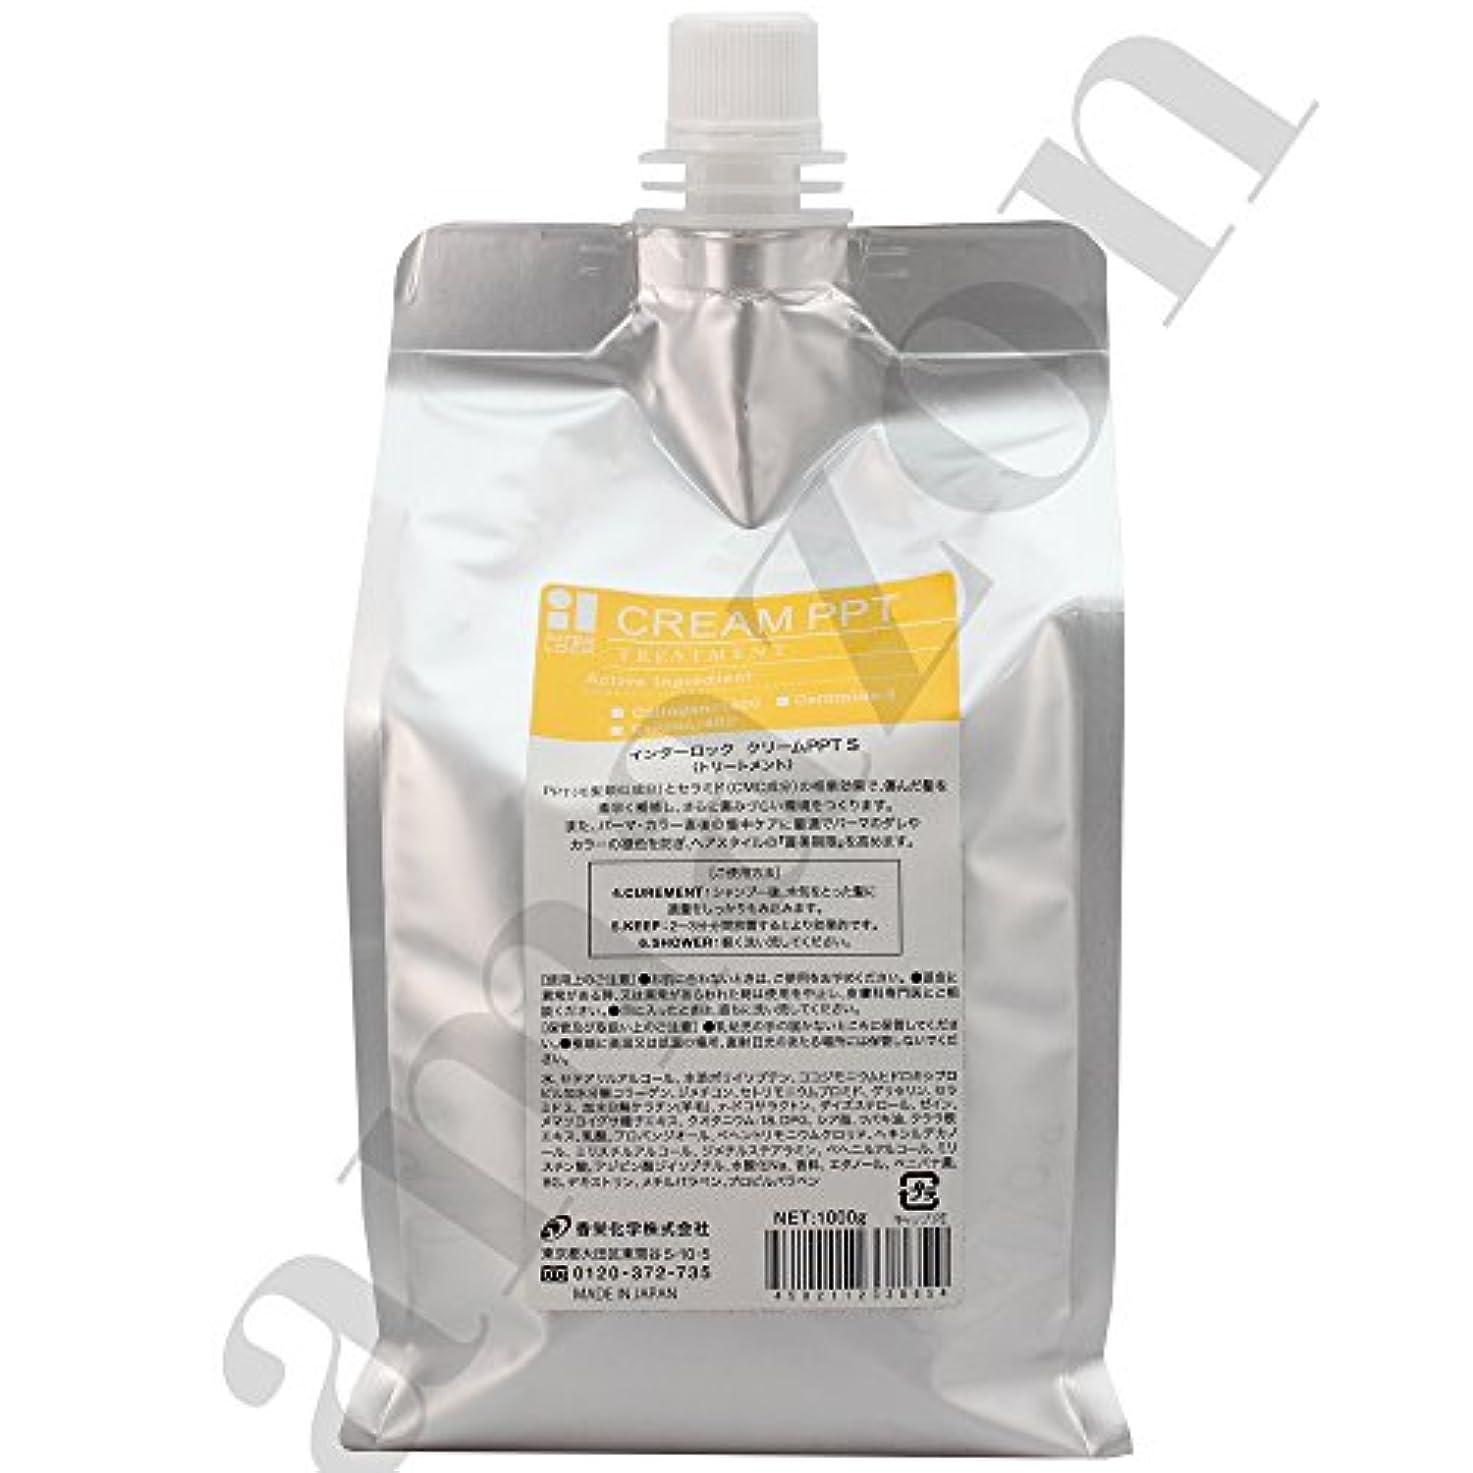 スローガン散髪漏れ香栄化学 インターロック クリームPPT S レフィル 1000g